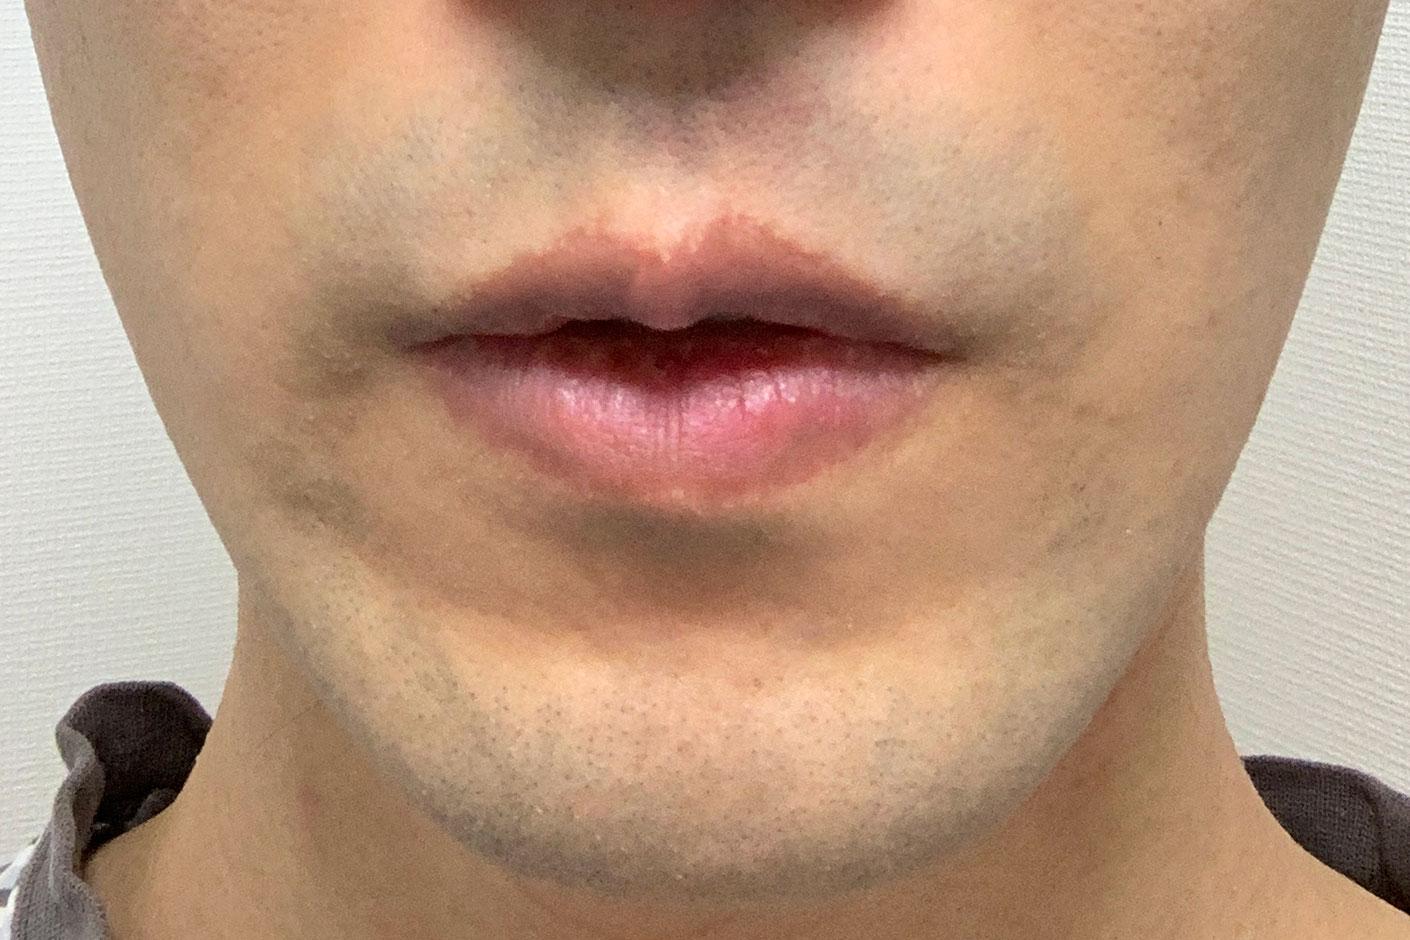 フィリップス 髭剃り シェーバー 深剃り 試し